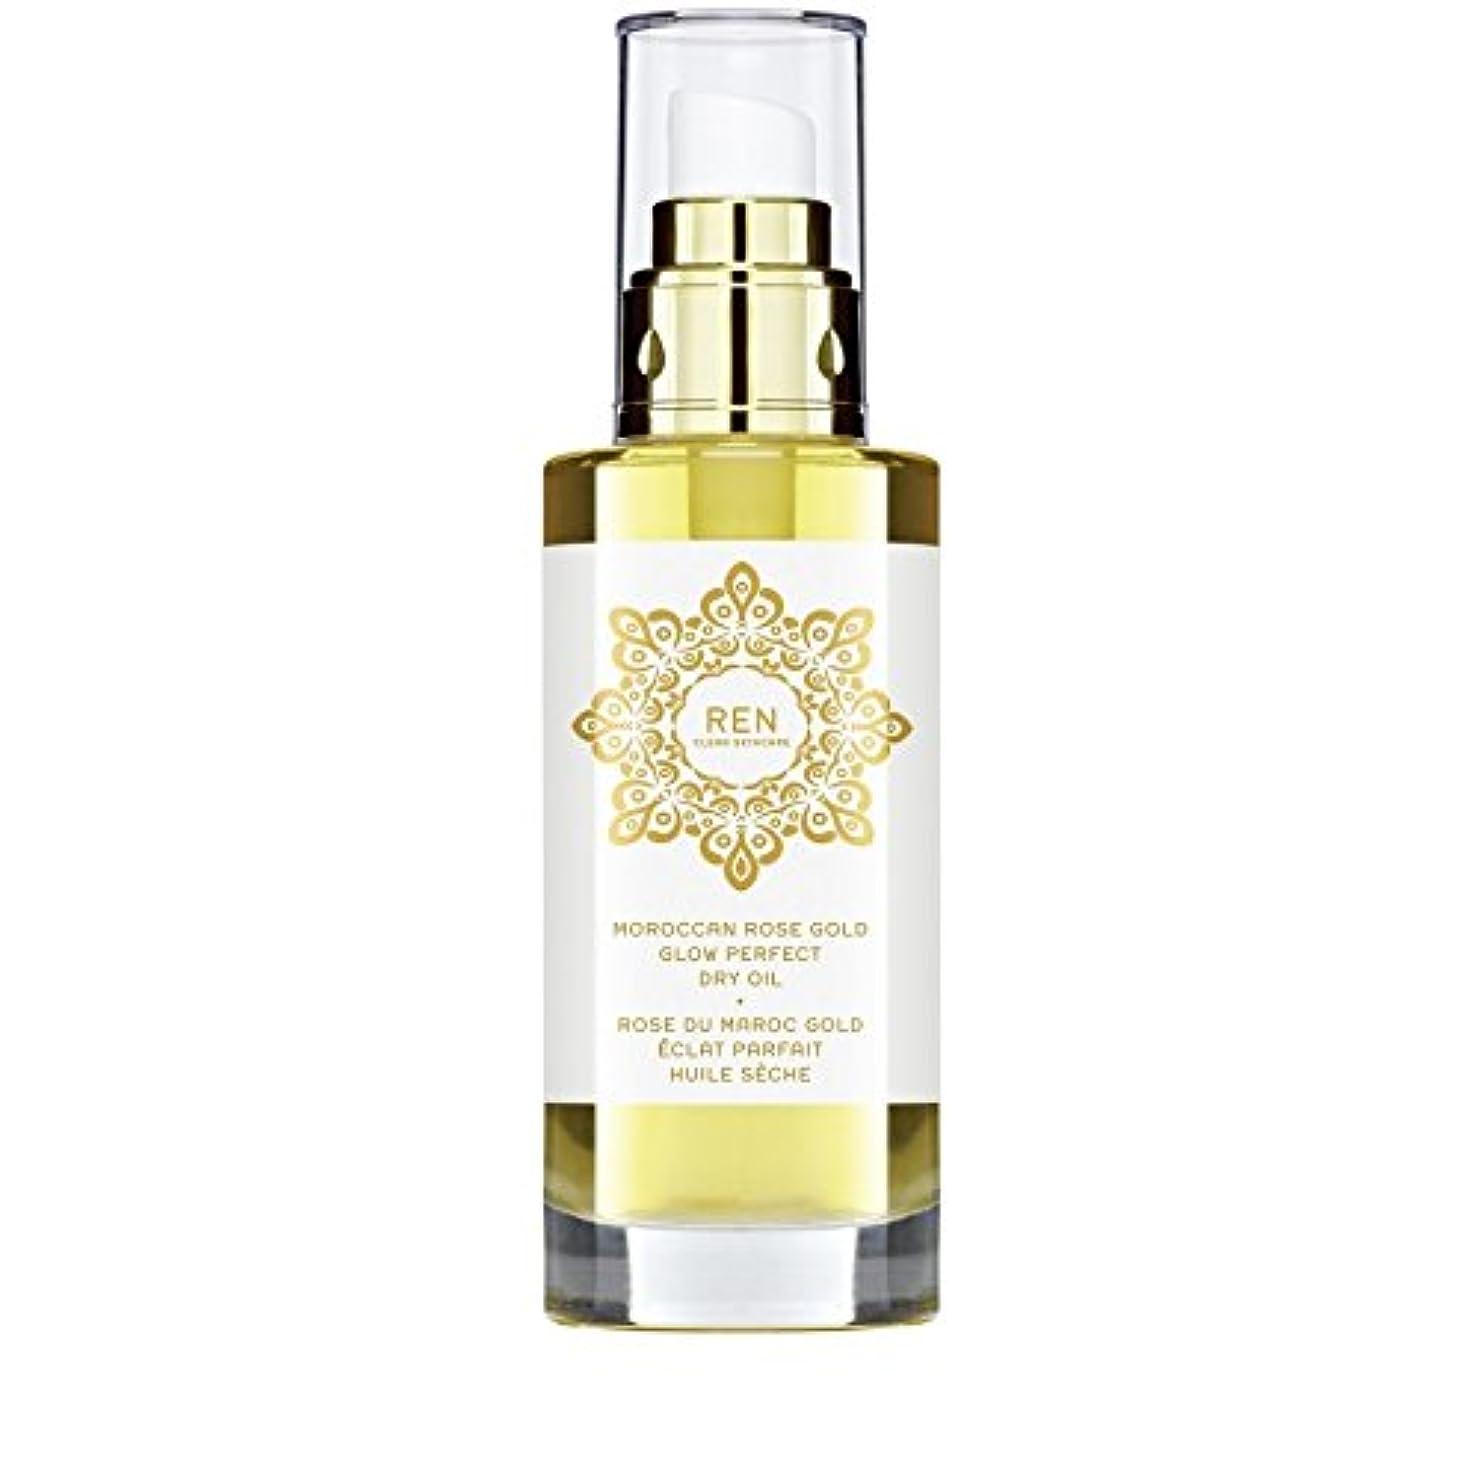 乗って対称起訴するREN Moroccan Rose Gold Glow Perfect Dry Oil 100ml (Pack of 6) - モロッコは金が完璧なドライオイル100ミリリットルグローバラ x6 [並行輸入品]